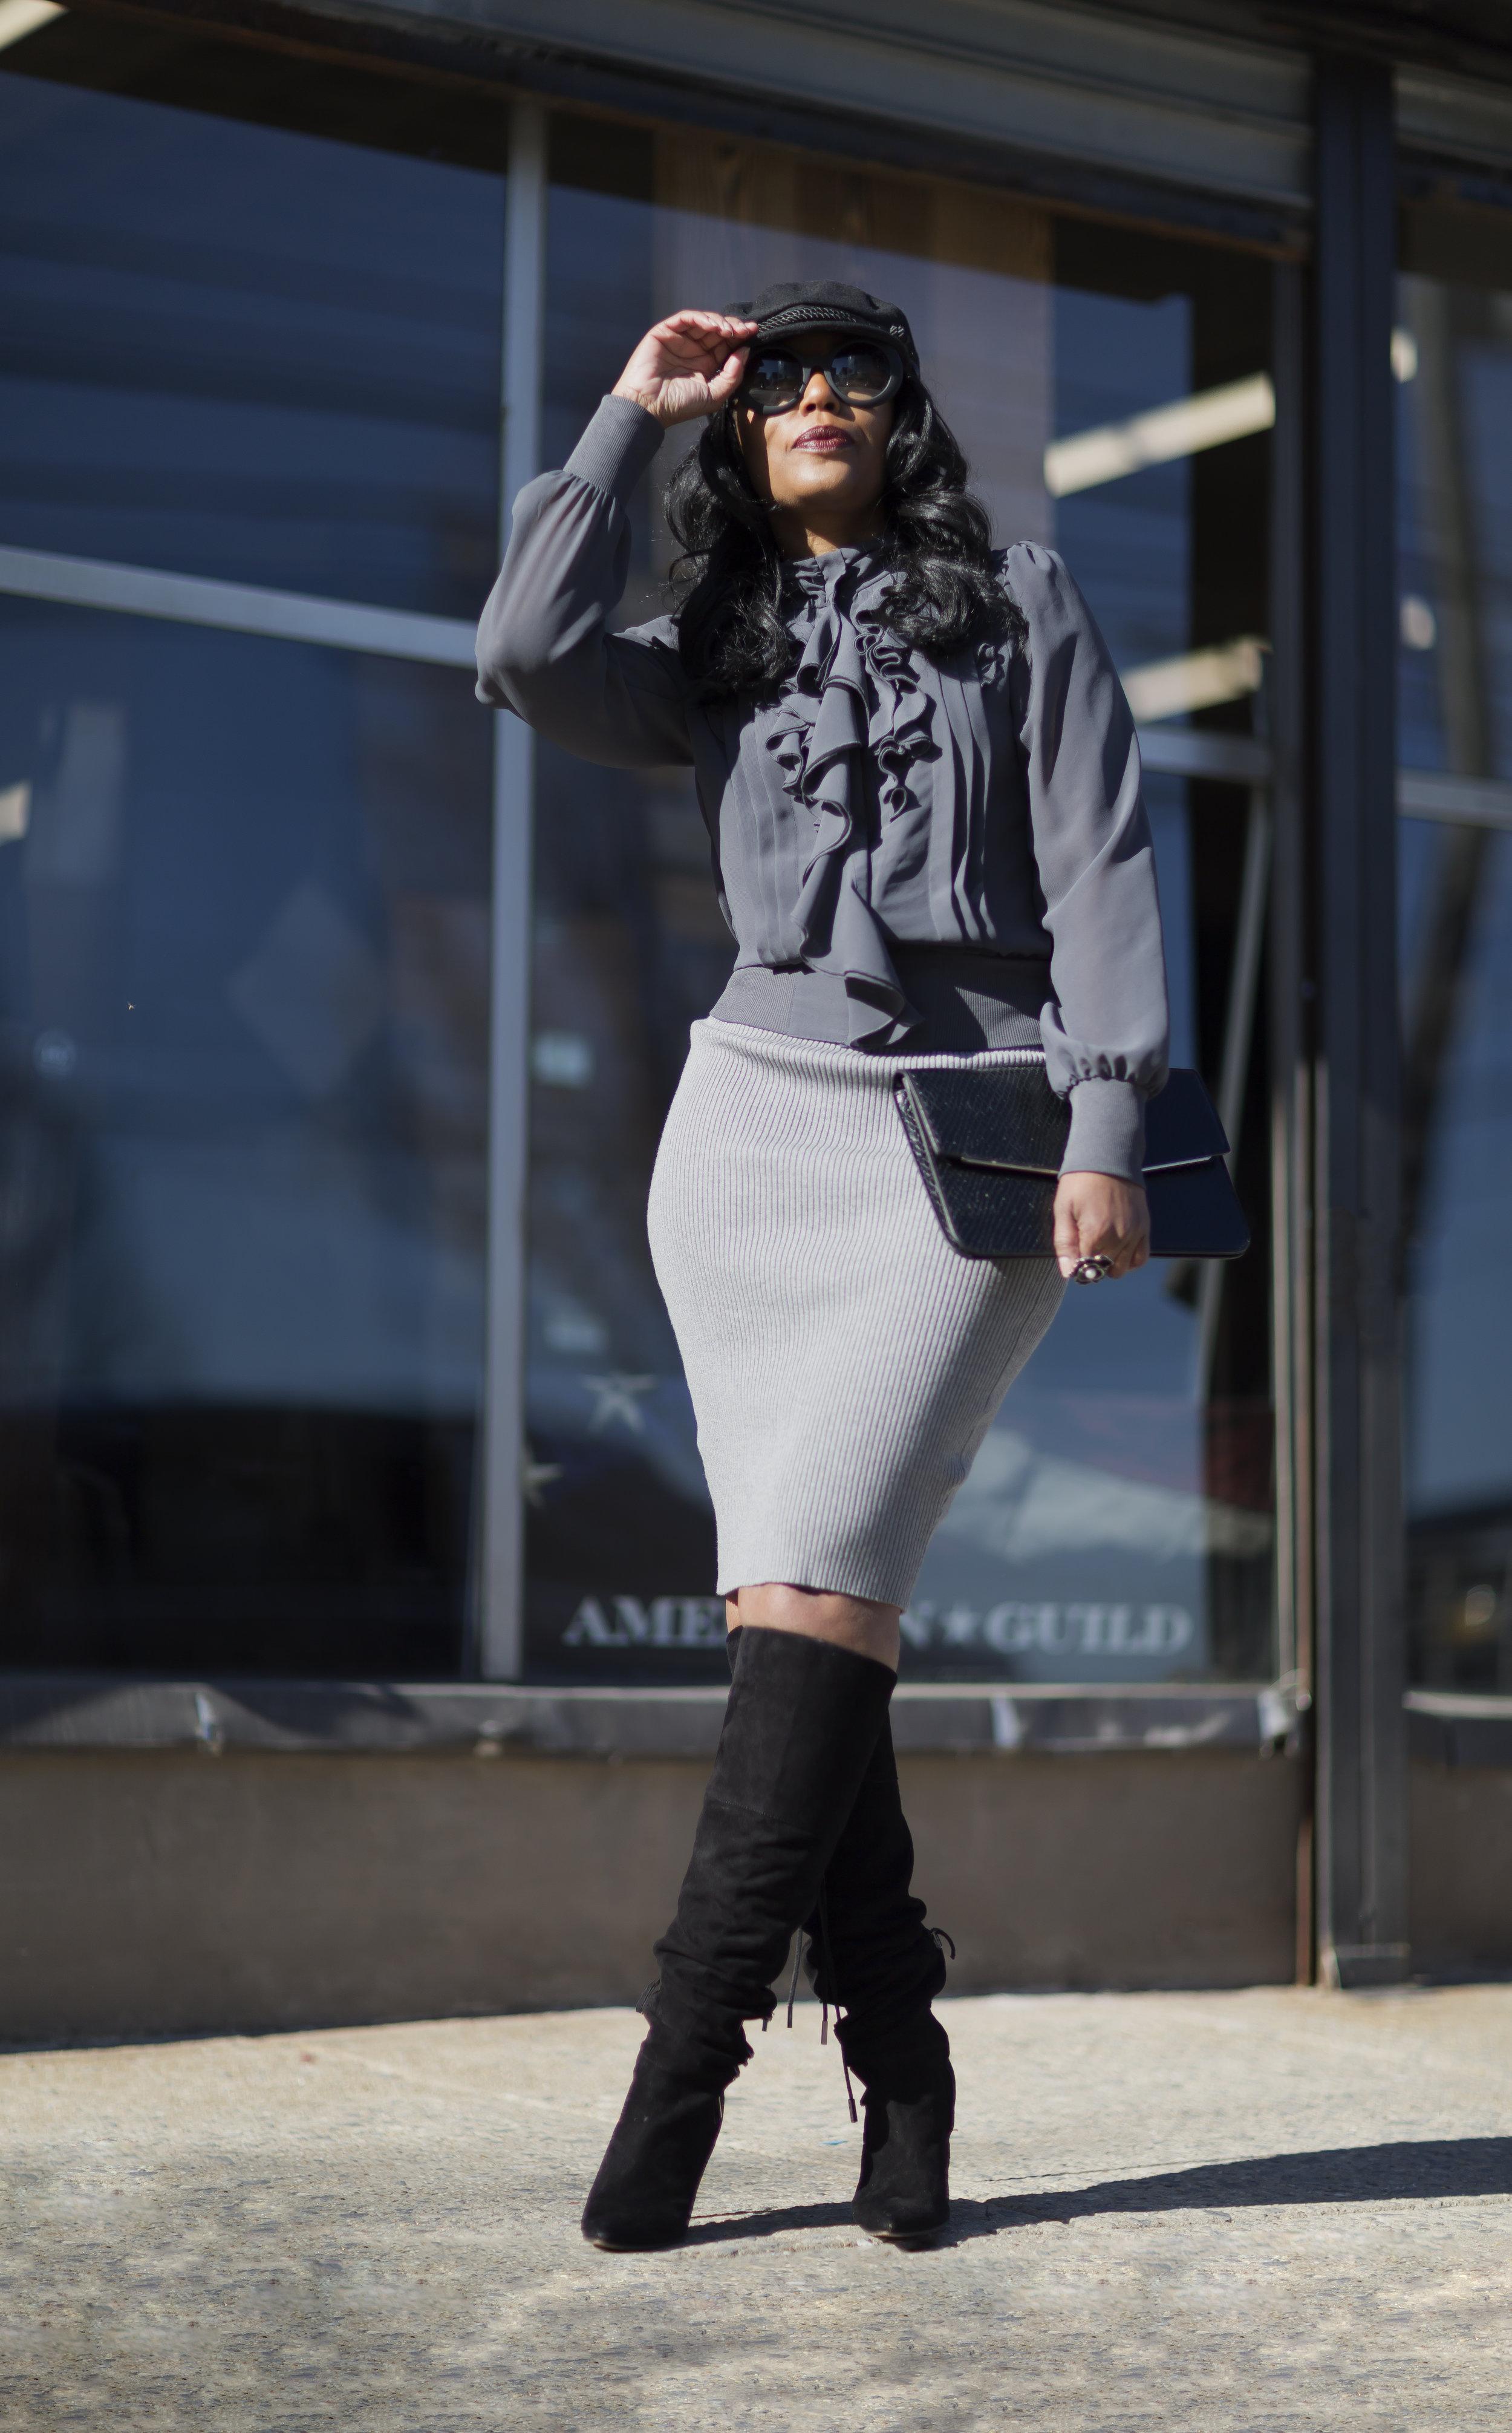 Bella Pencil Skirt( Eve Lawrence Boutique ) | Jacket(Express) old | Boots(DSW) old | Hat(Primark)